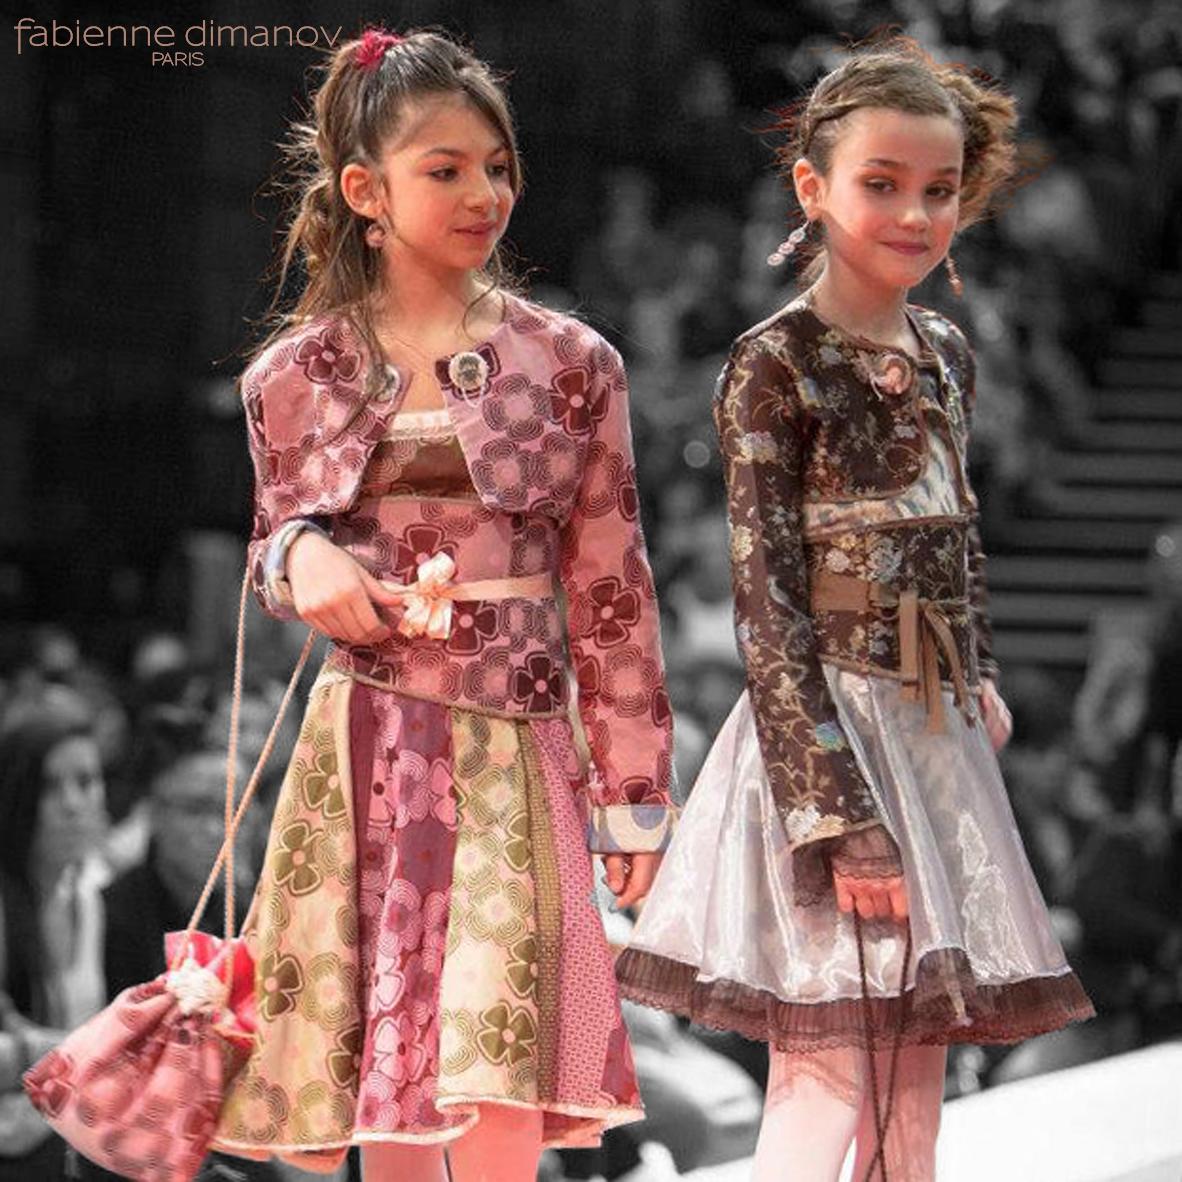 Venise & Tokyo - cortège fillette - Fabienne Dimanov Paris